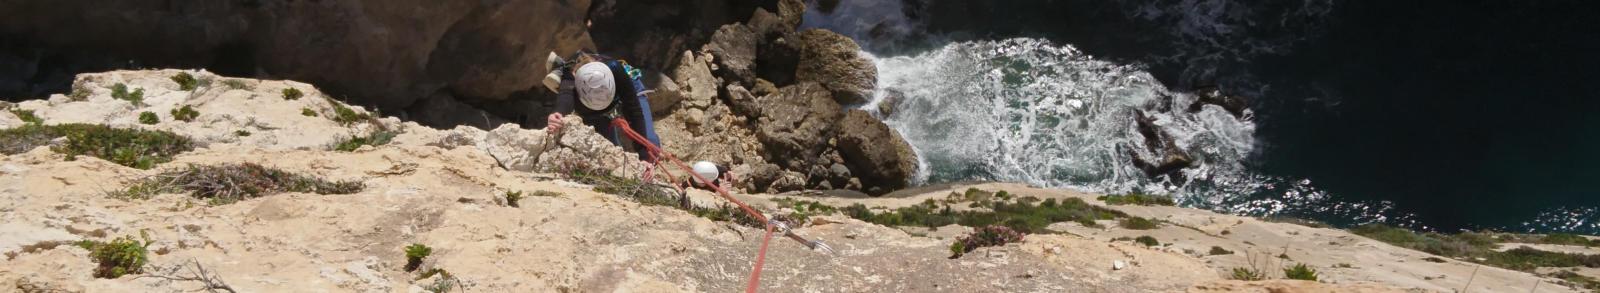 Mehrseillängen klettern